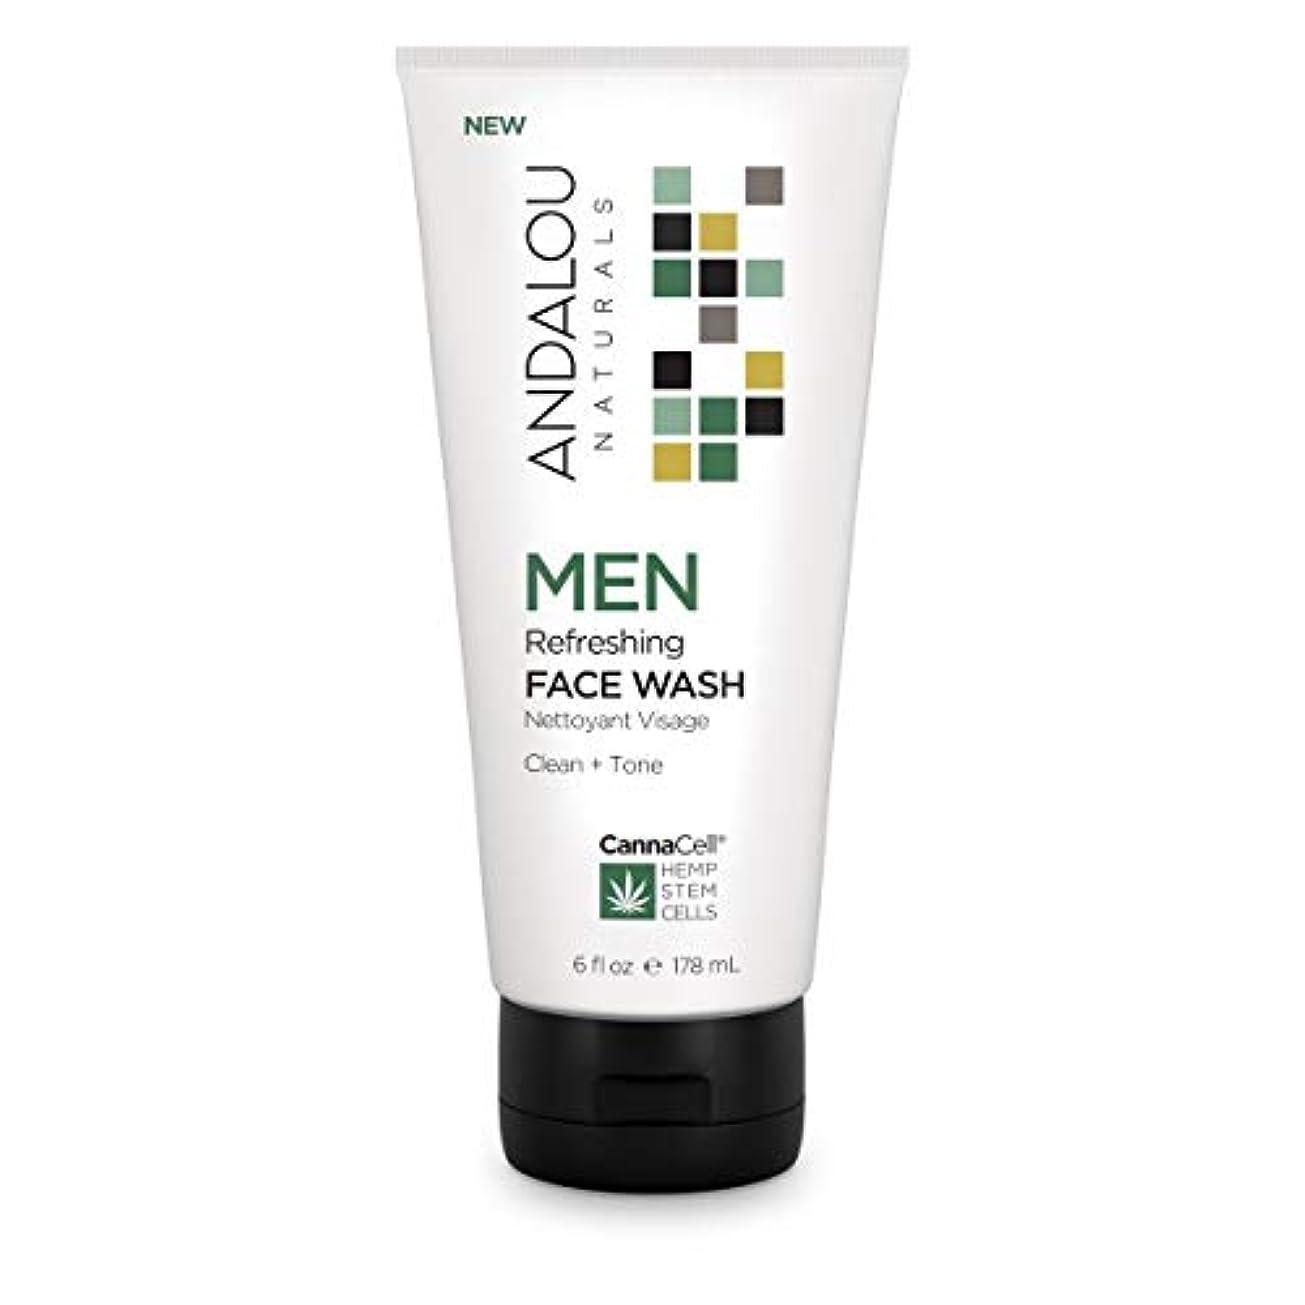 慣性摂氏度横にオーガニック ボタニカル 洗顔料 洗顔フォーム ナチュラル フルーツ幹細胞 ヘンプ幹細胞 「 MEN リフレッシングフェイスウォッシュ 」 ANDALOU naturals アンダルー ナチュラルズ